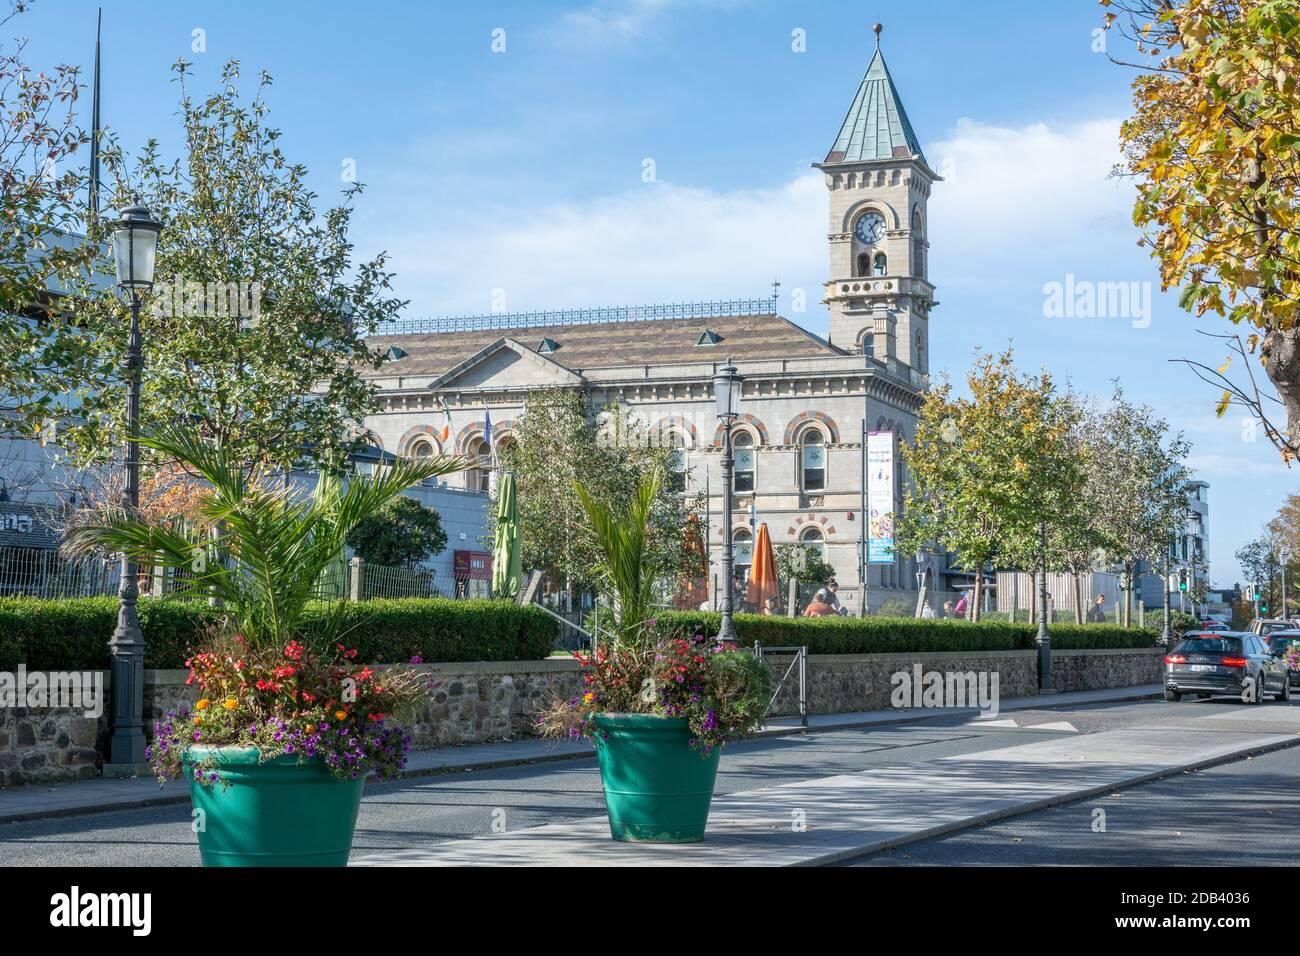 Ayuntamiento con torre de reloj en Dun Laoghaire en el condado de Dublín, Irlanda Foto de stock